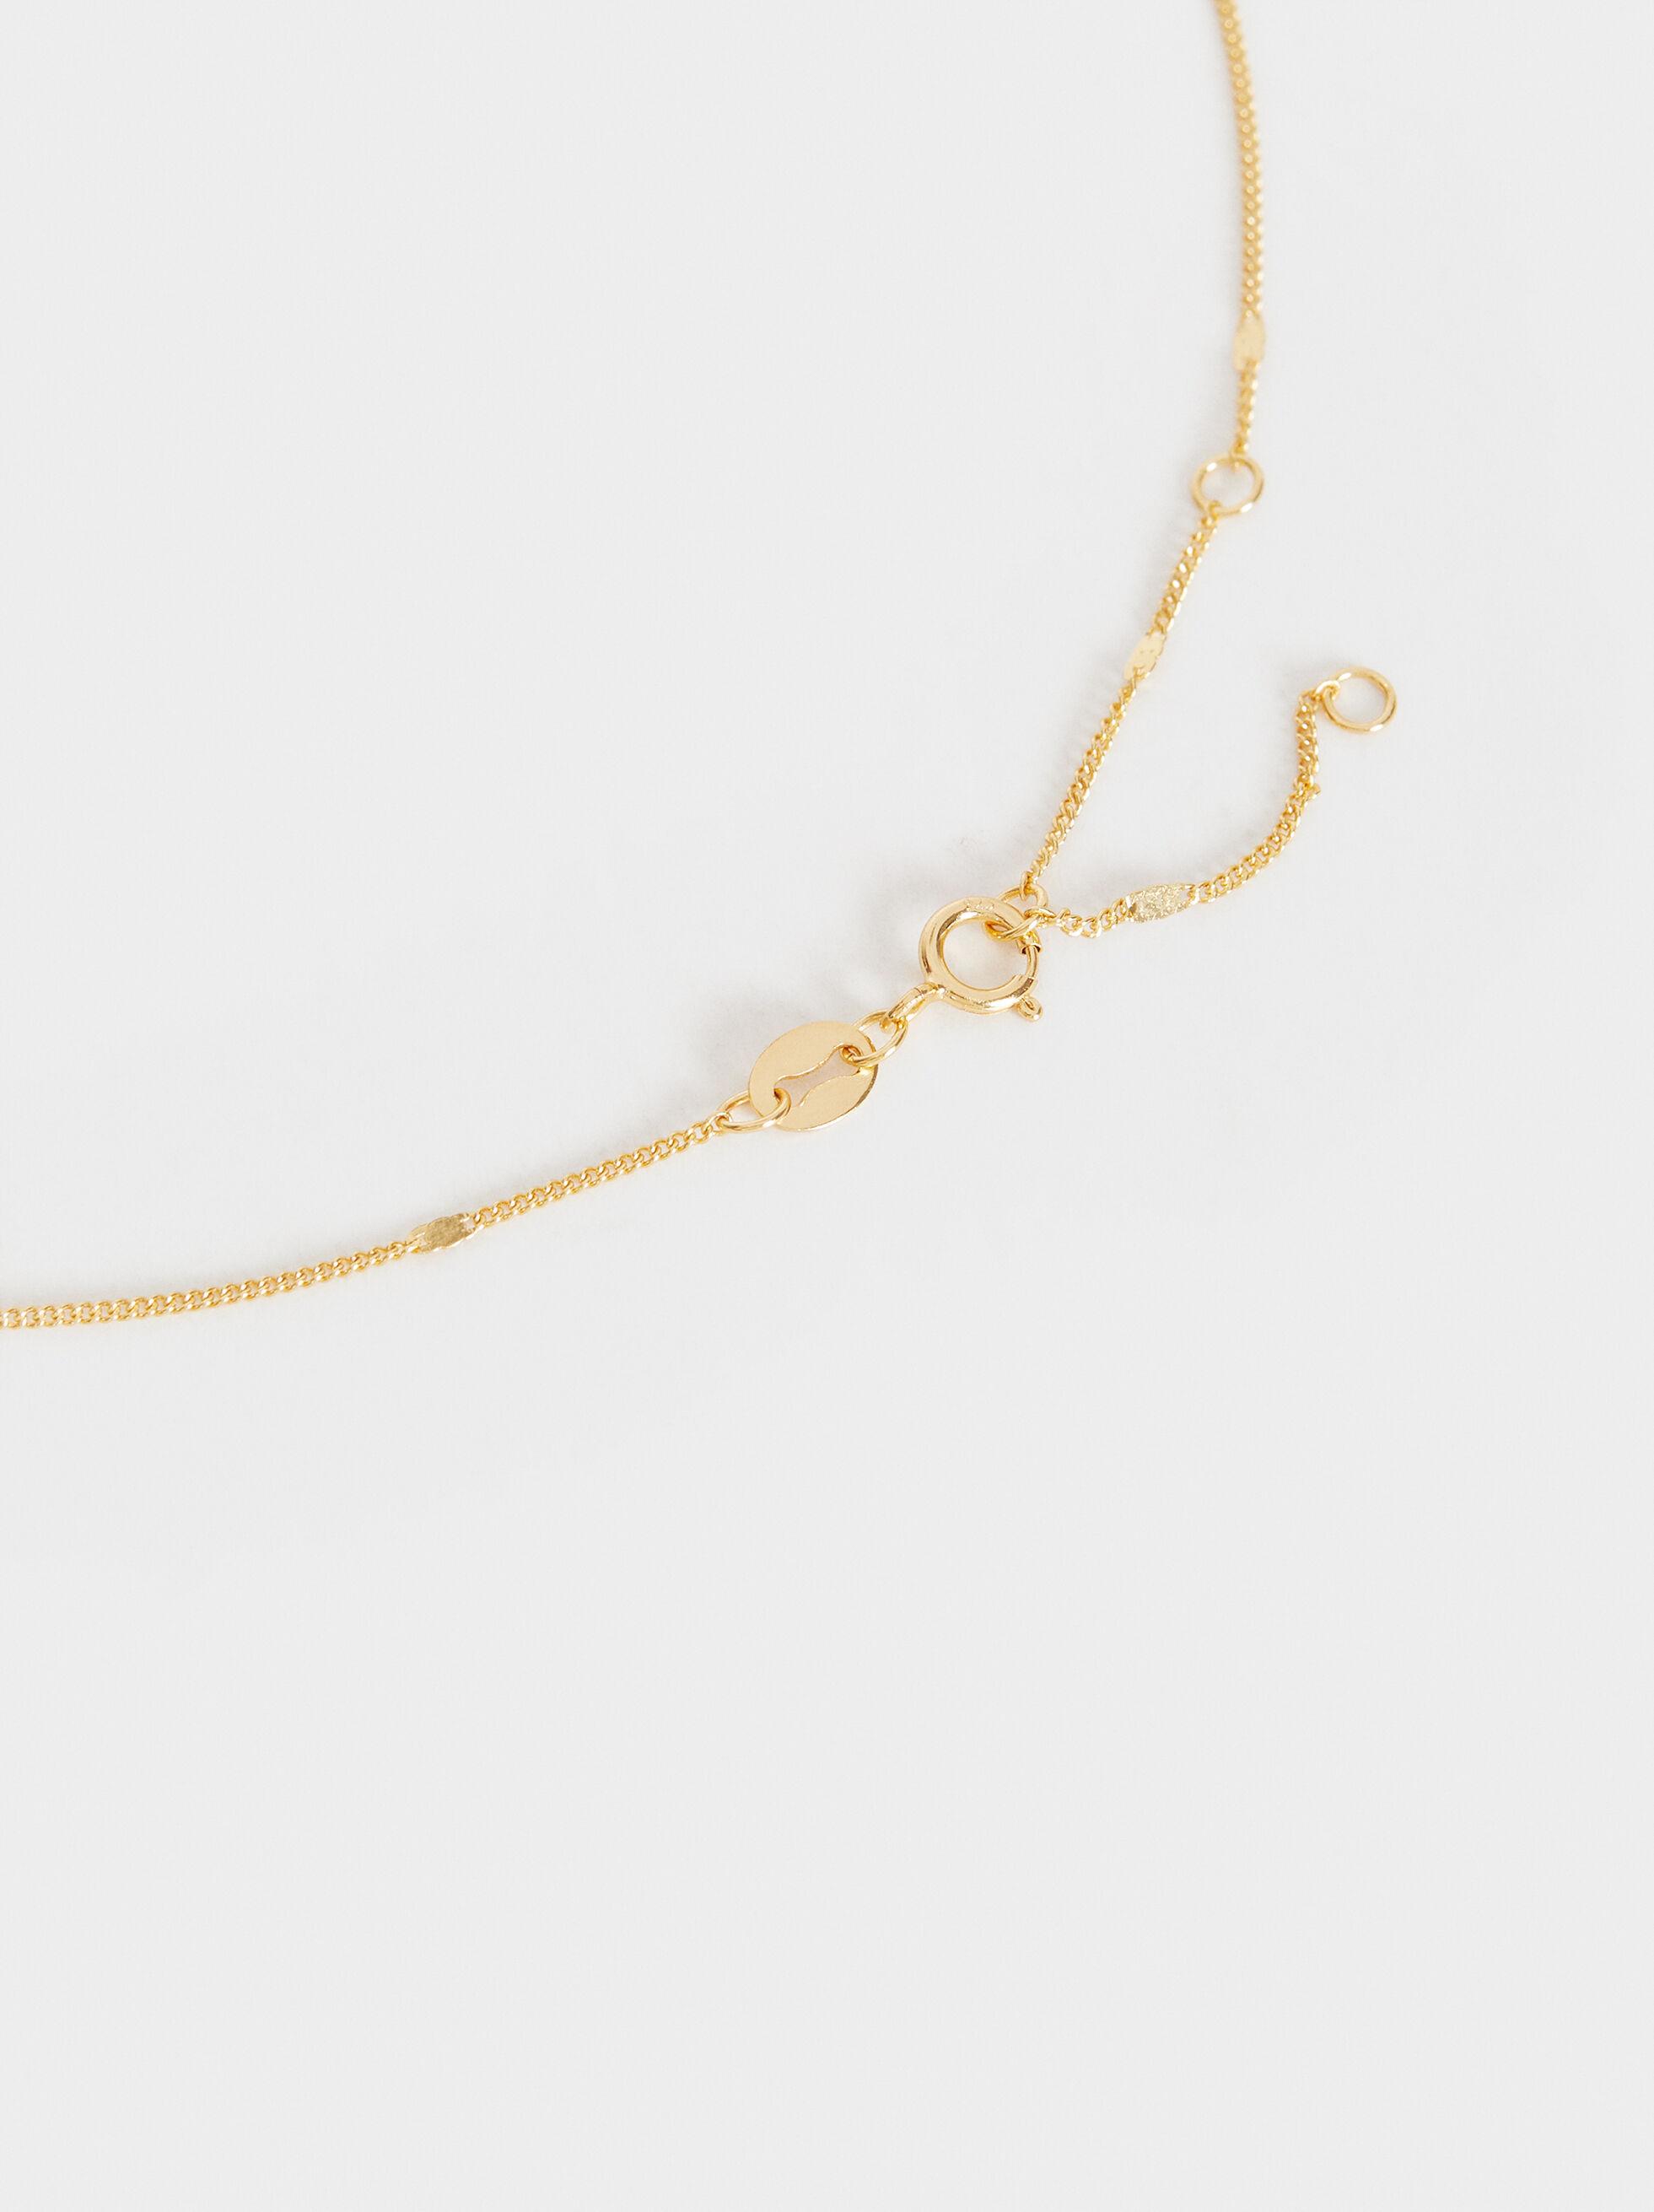 Short 925 Silver Pendant Necklace, Beige, hi-res